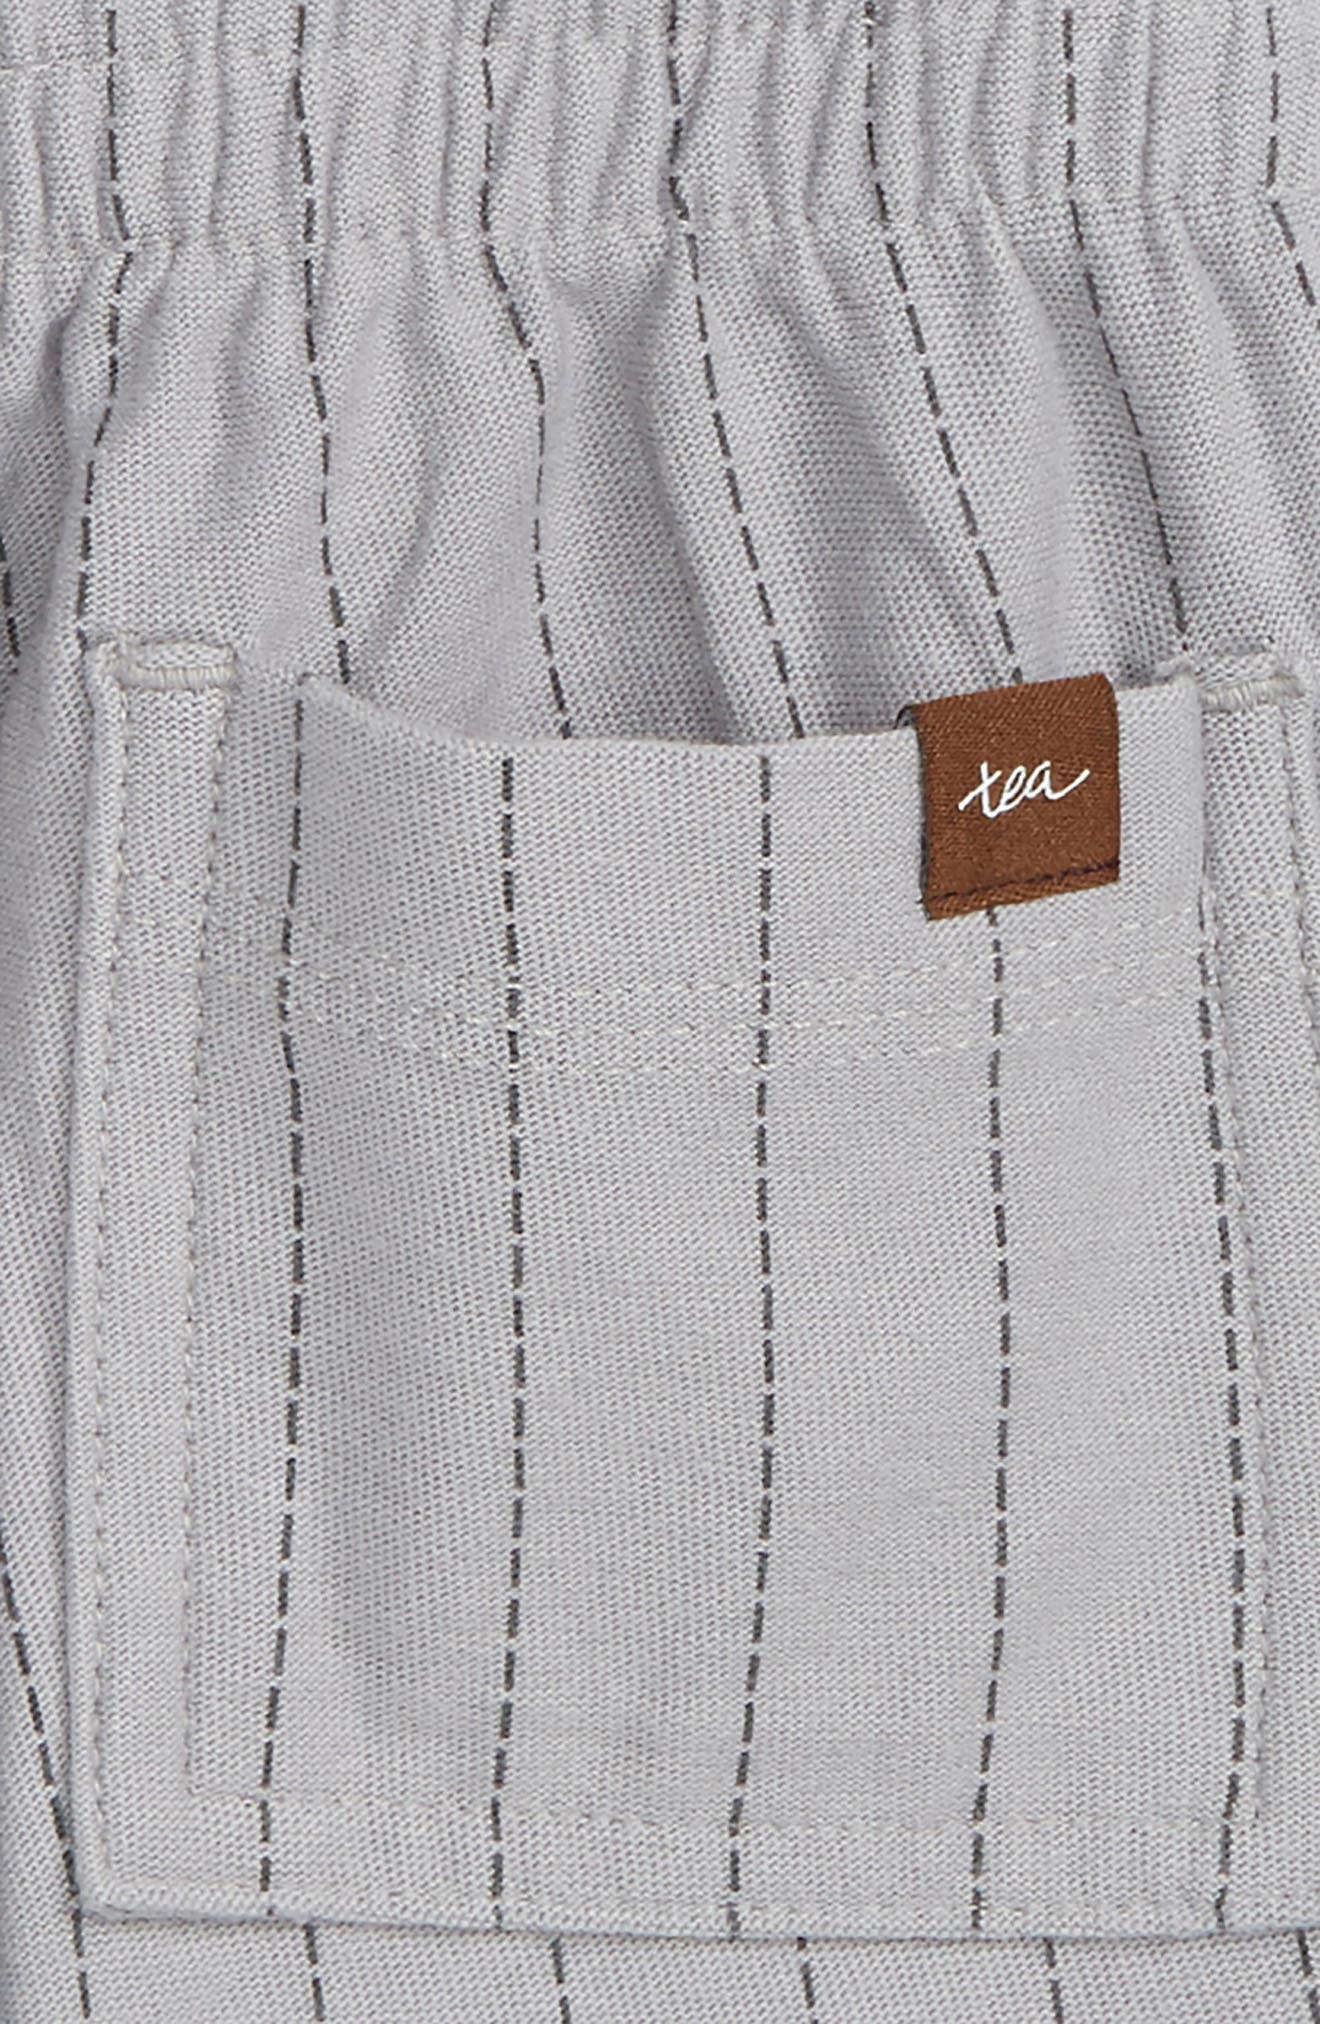 Stripe Shorts,                             Alternate thumbnail 3, color,                             052